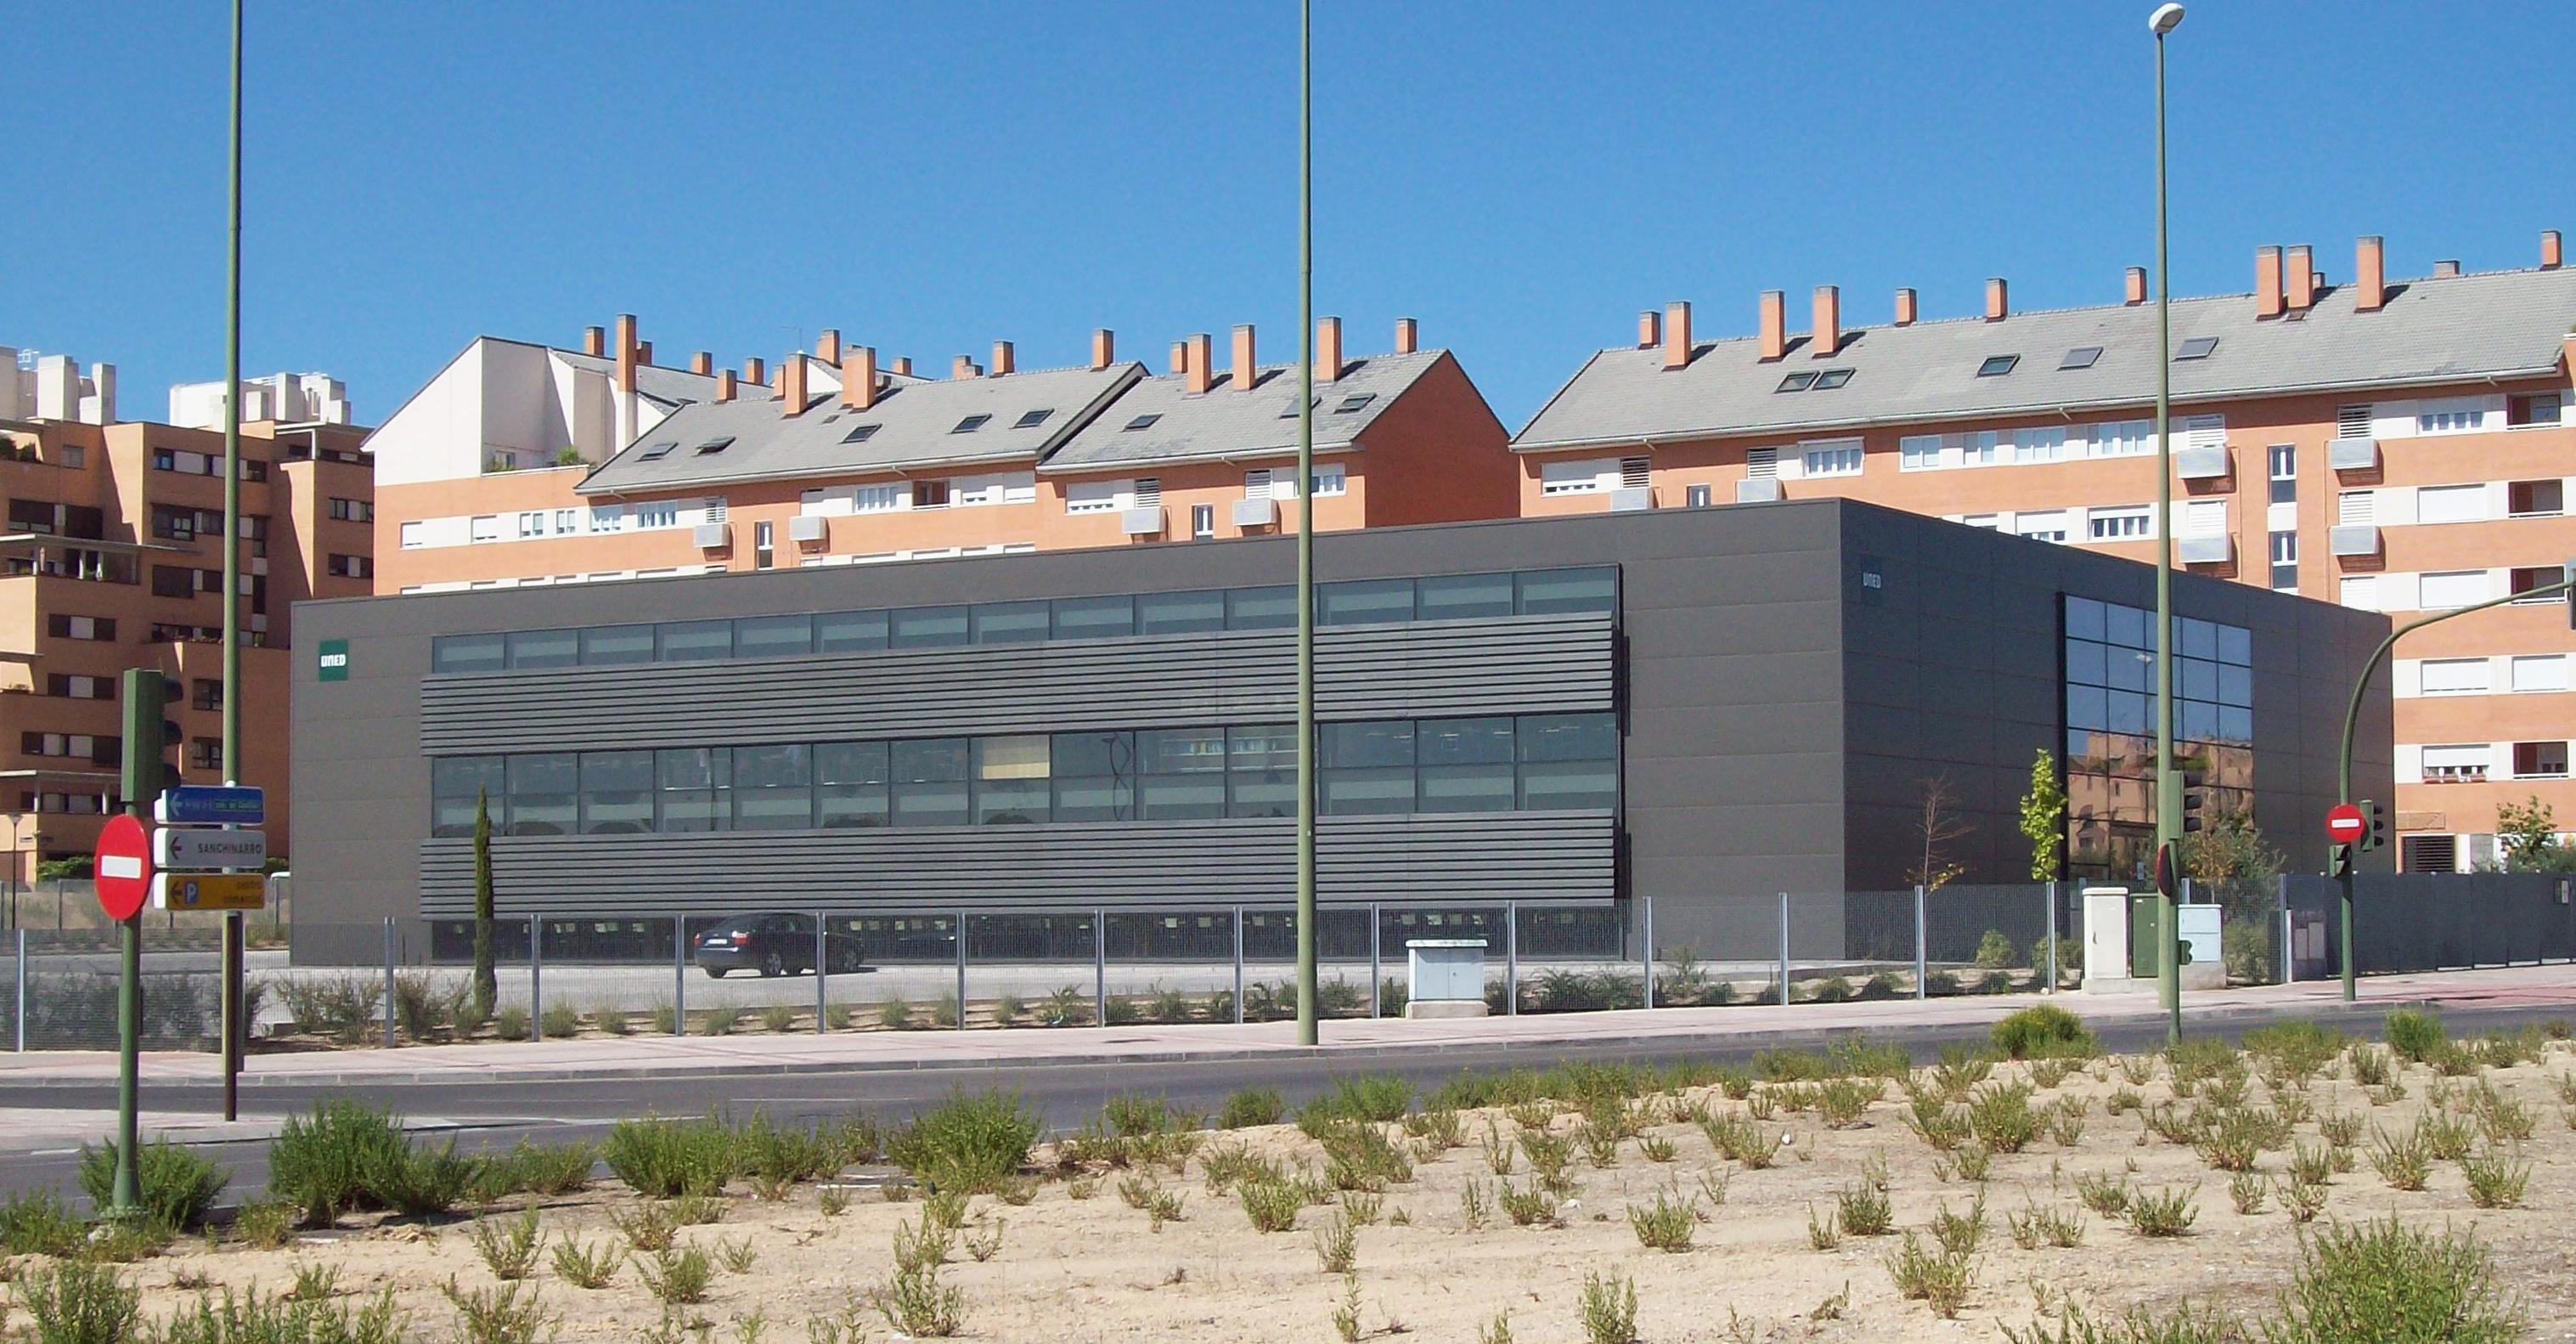 Centro asociado de la uned de tenerife universidad for Centro asociado de madrid